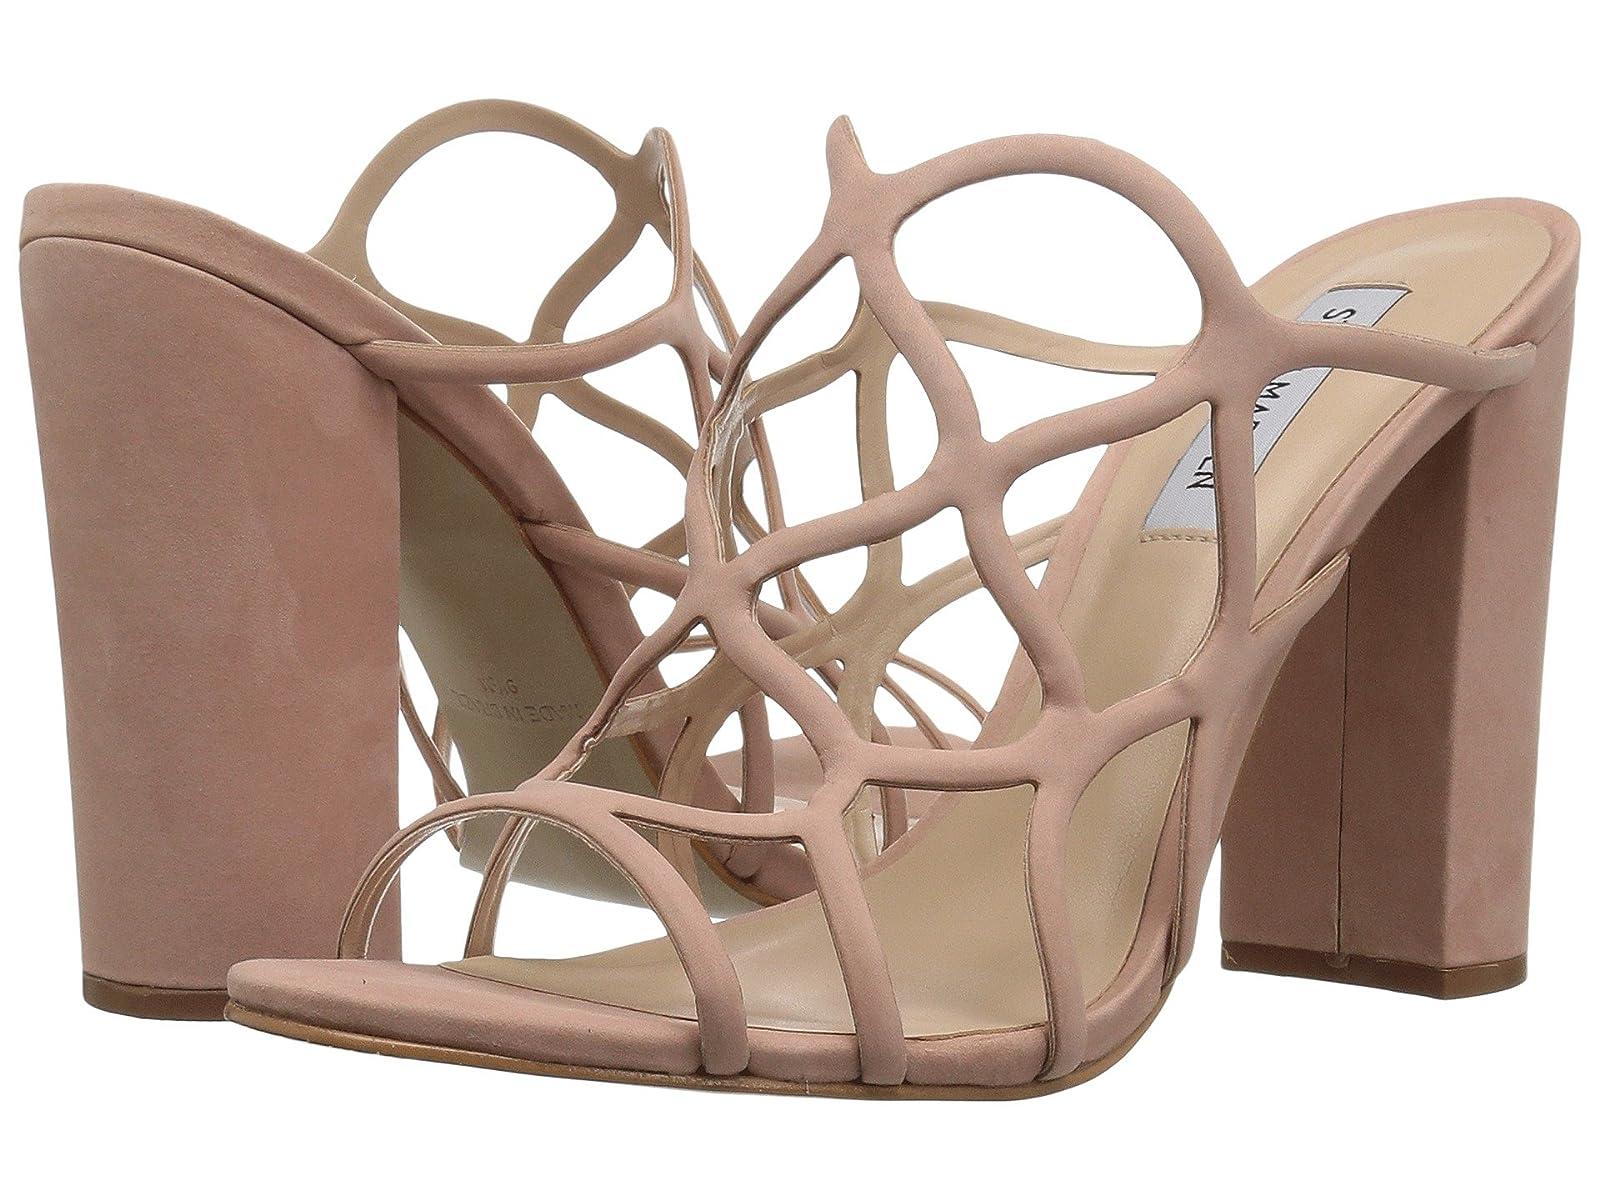 Steve Madden CarlitaAtmospheric grades have affordable shoes